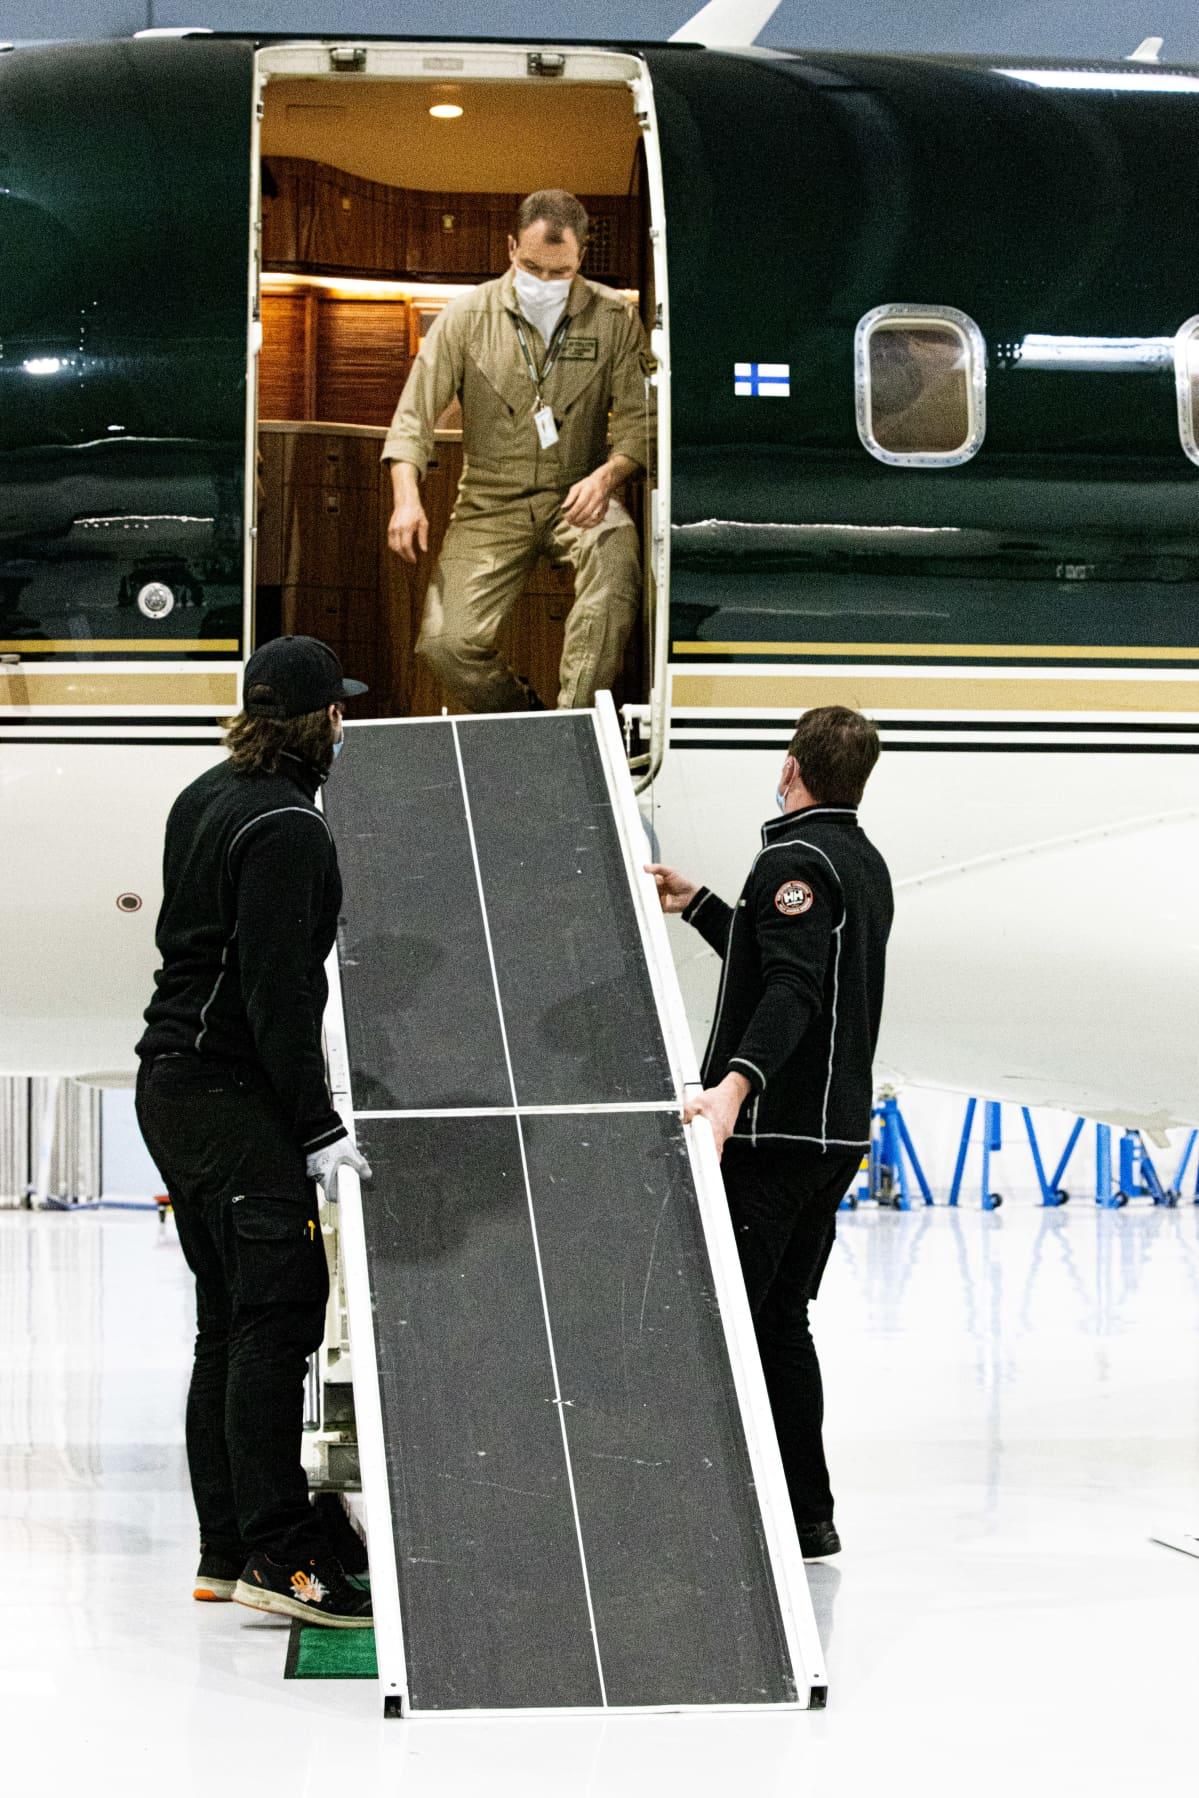 Kapteeni Antti Saarinen ottaa vastaan lentokoneessa kiinnitettävää nostosiltaa jonka avulla saadaan potilas tuotua koneeseen.